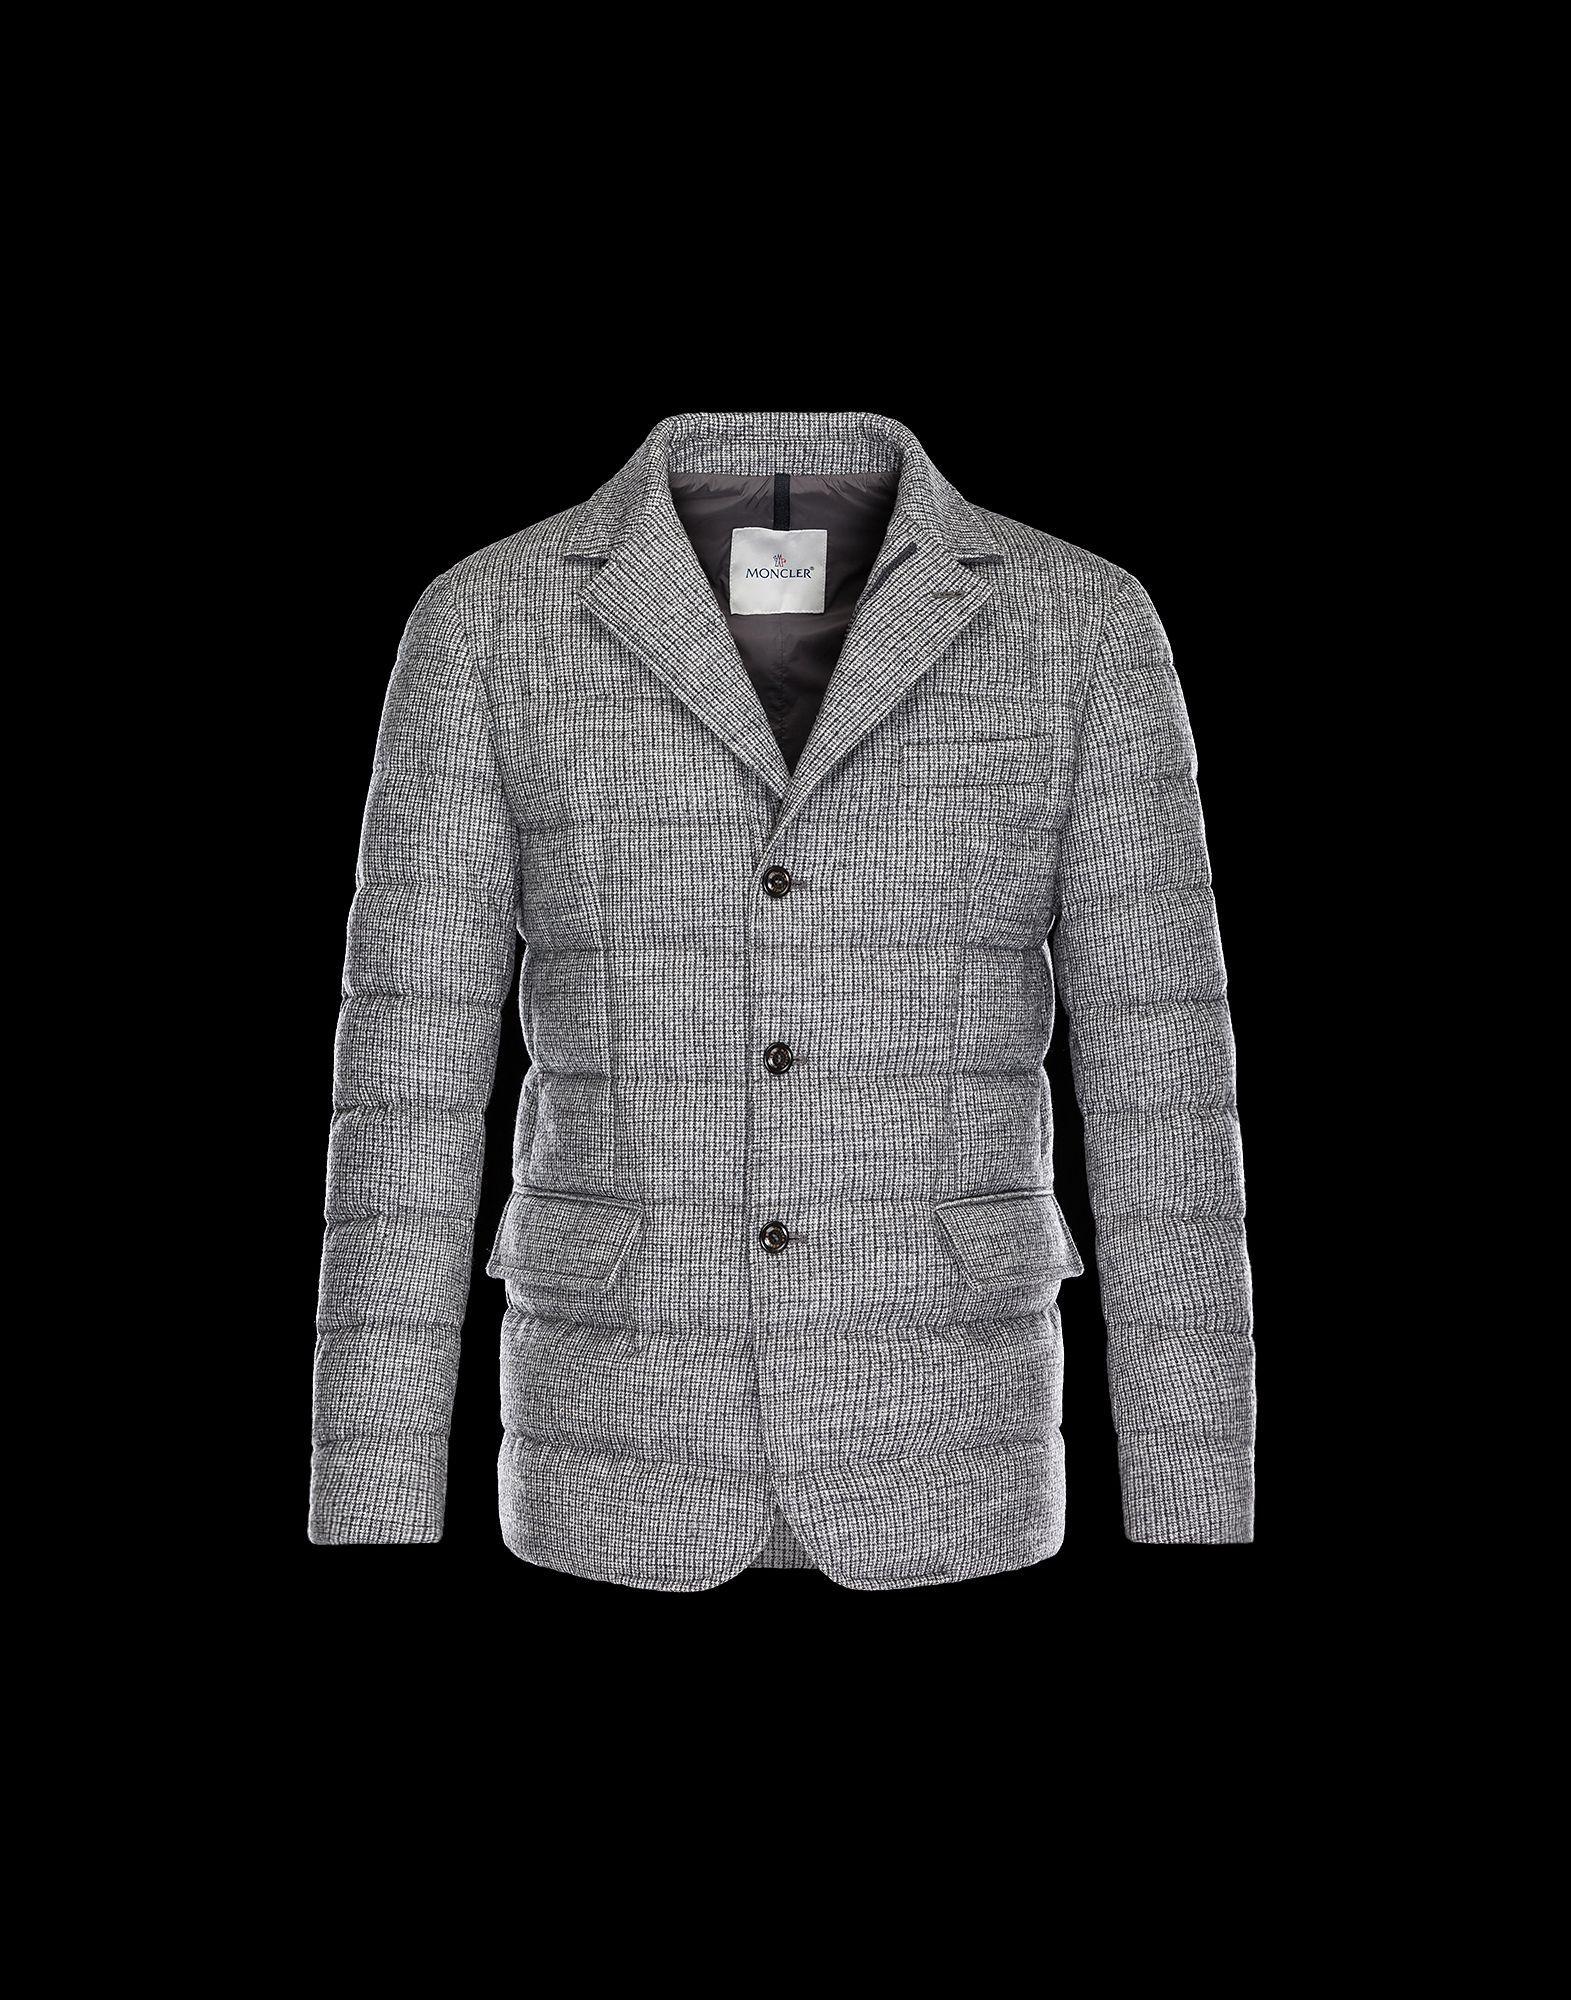 moncler overcoat